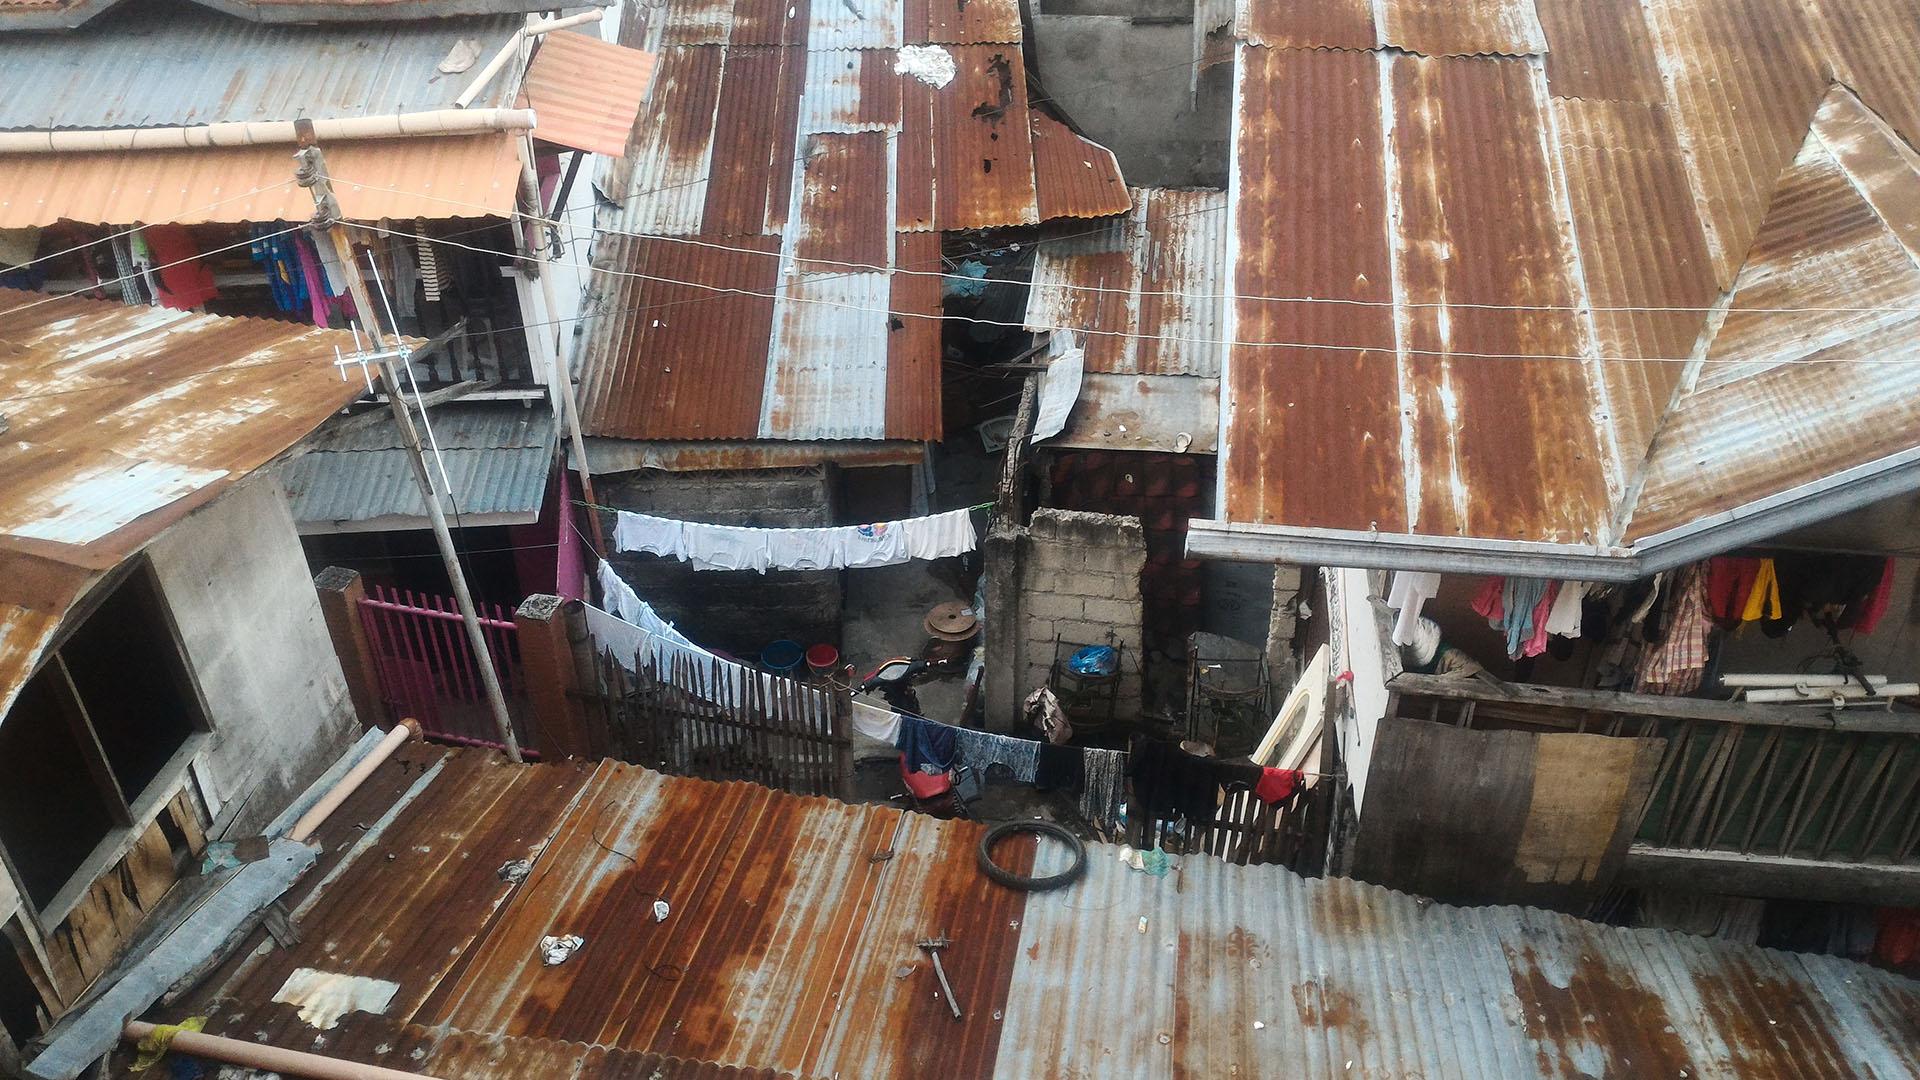 Stopover hostelin arka mahallesi, gecekondular